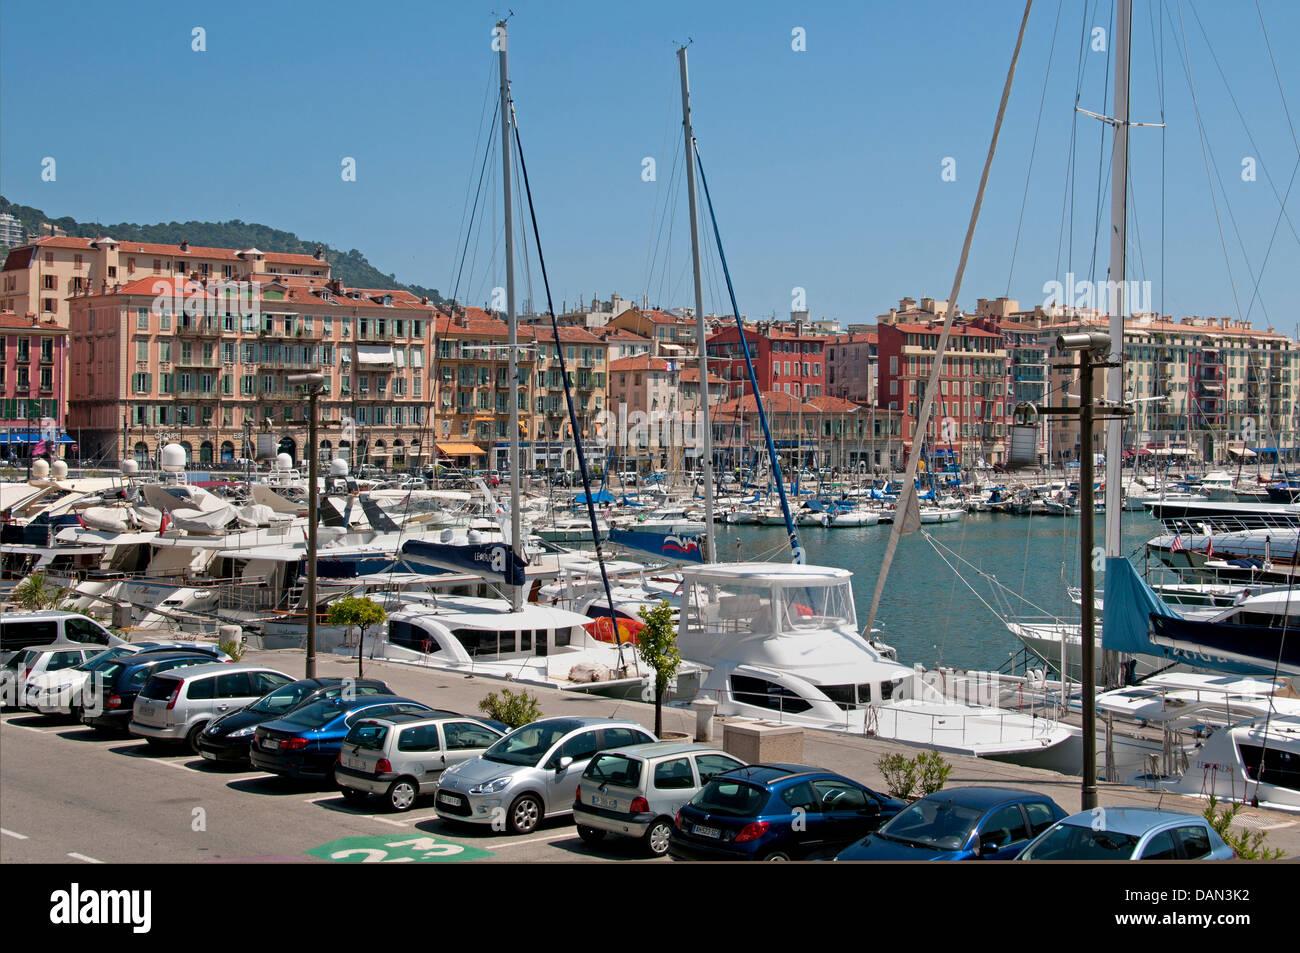 Le Vieux Nice Vieux Port Harbour French Riviera Cote d'Azur Méditerranée Photo Stock